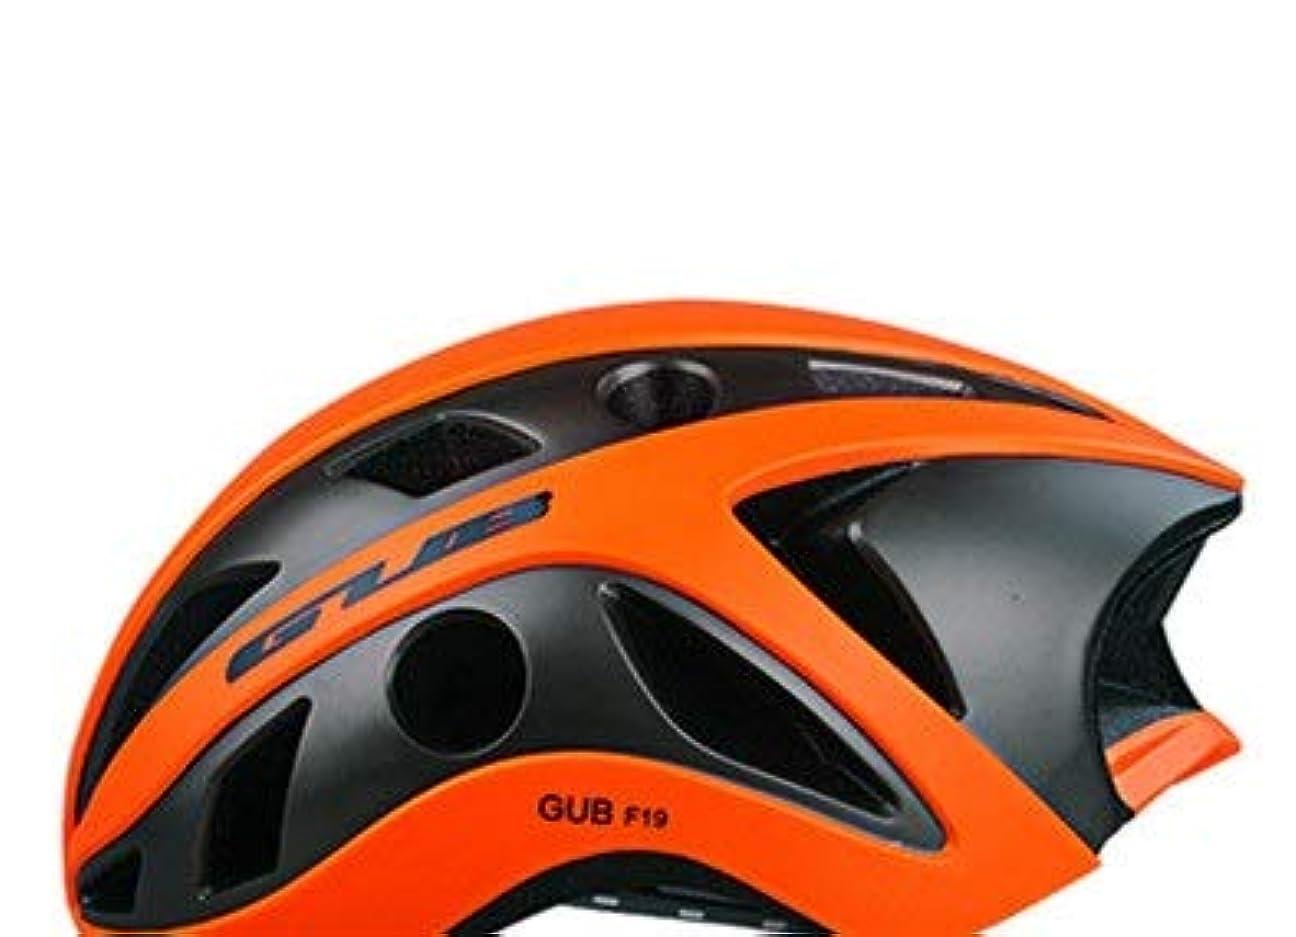 八帝国主義エーカーLklmy ハイキング、サイクリングのための22の穴が付いている調節可能な軽量のスポーツスタイルのバイクのヘルメット (Color : Orange)